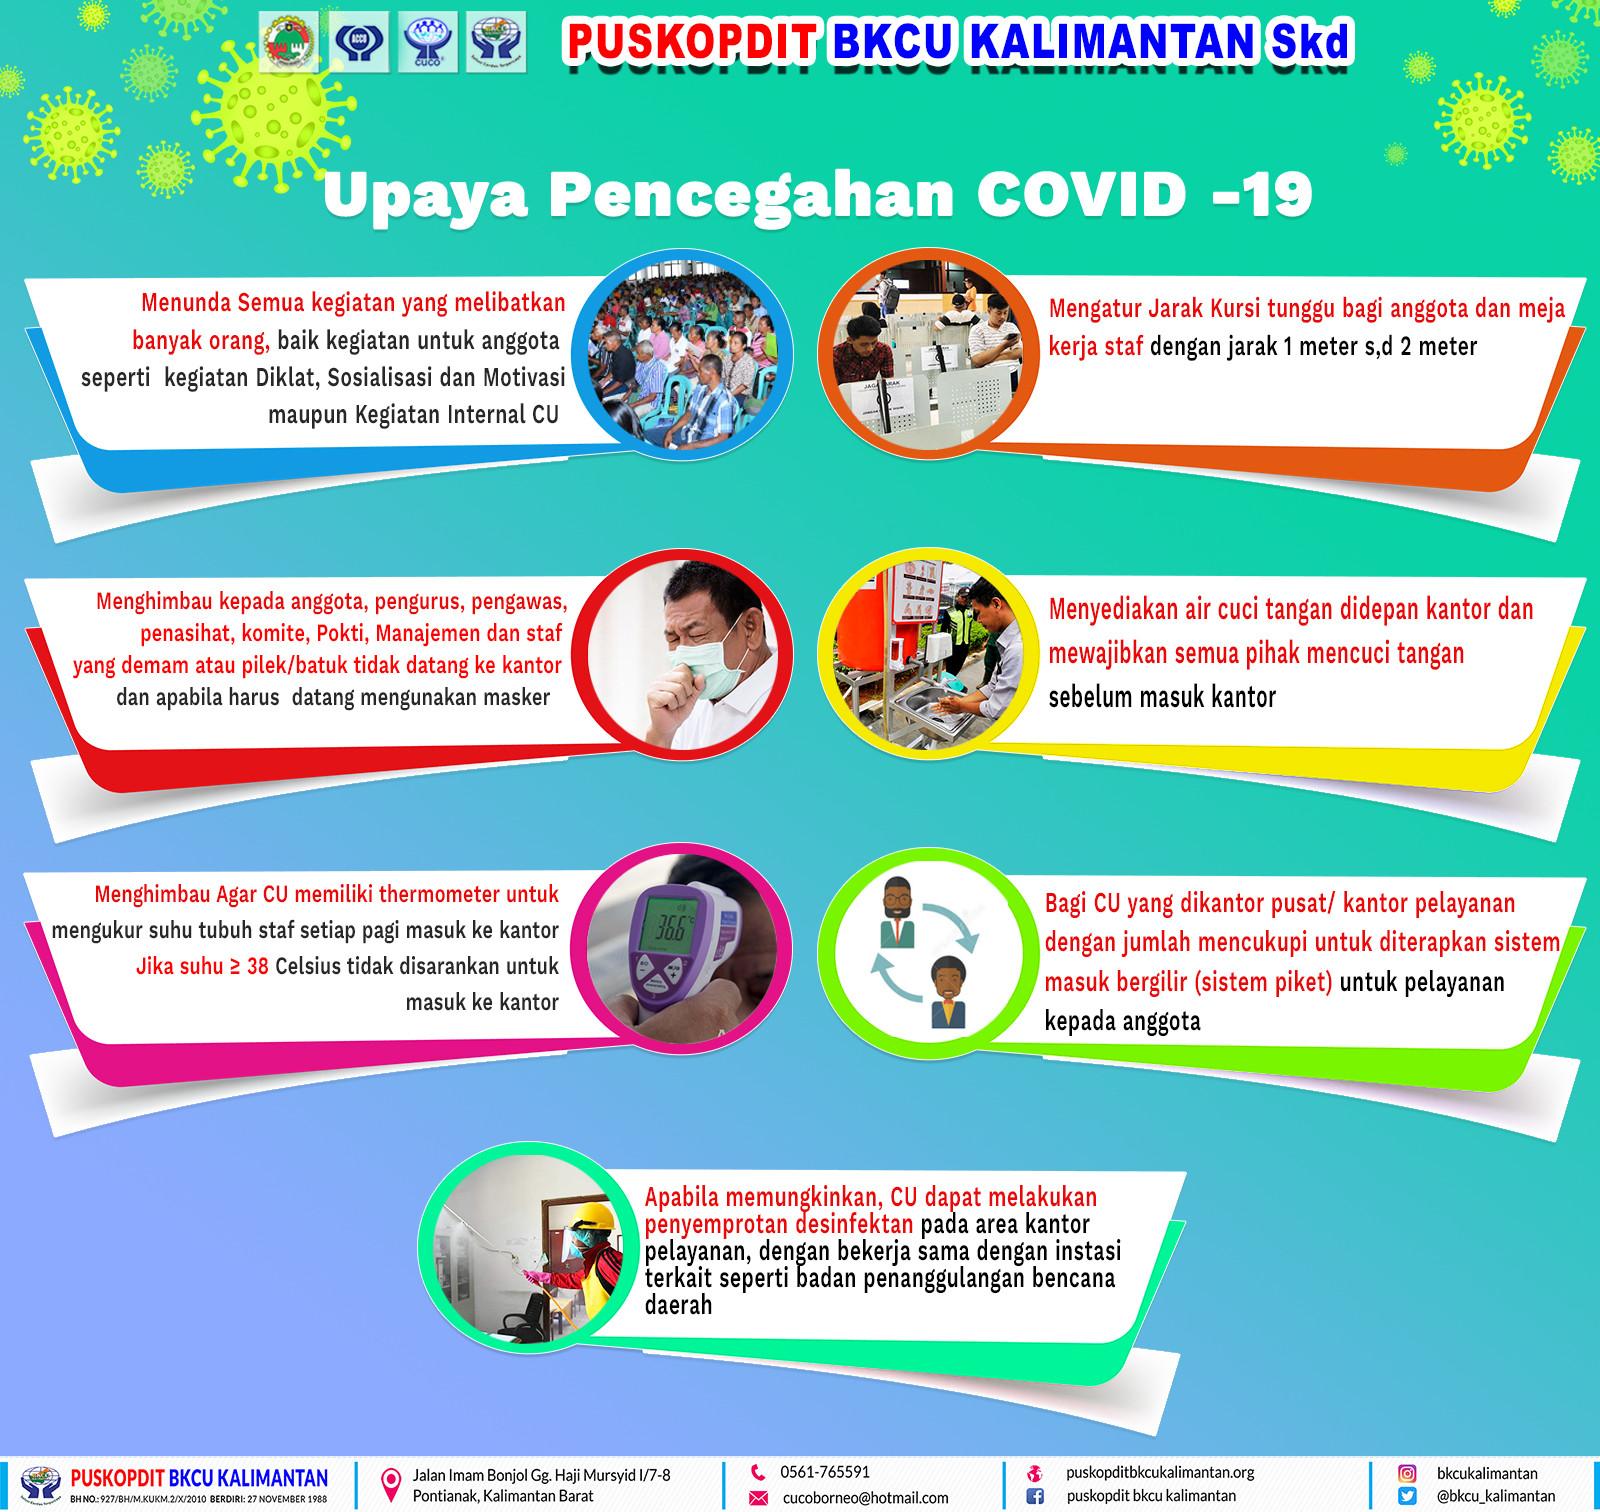 Gerakan Credit Union BKCU Kalimantan Menyikapi Virus Covid19